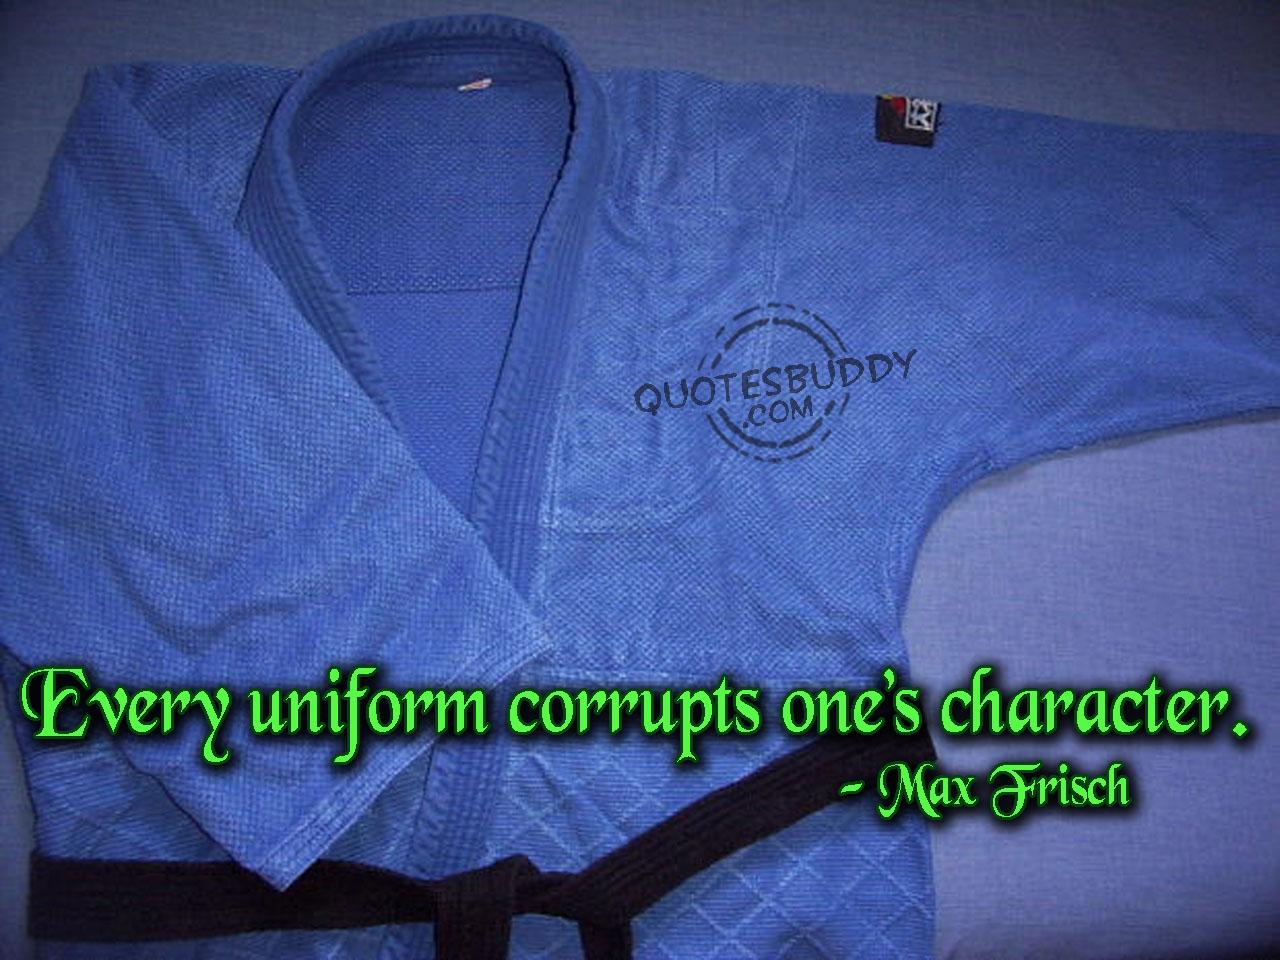 Famous Quotes About U0026#39;Uniformu0026#39; - Sualci Quotes